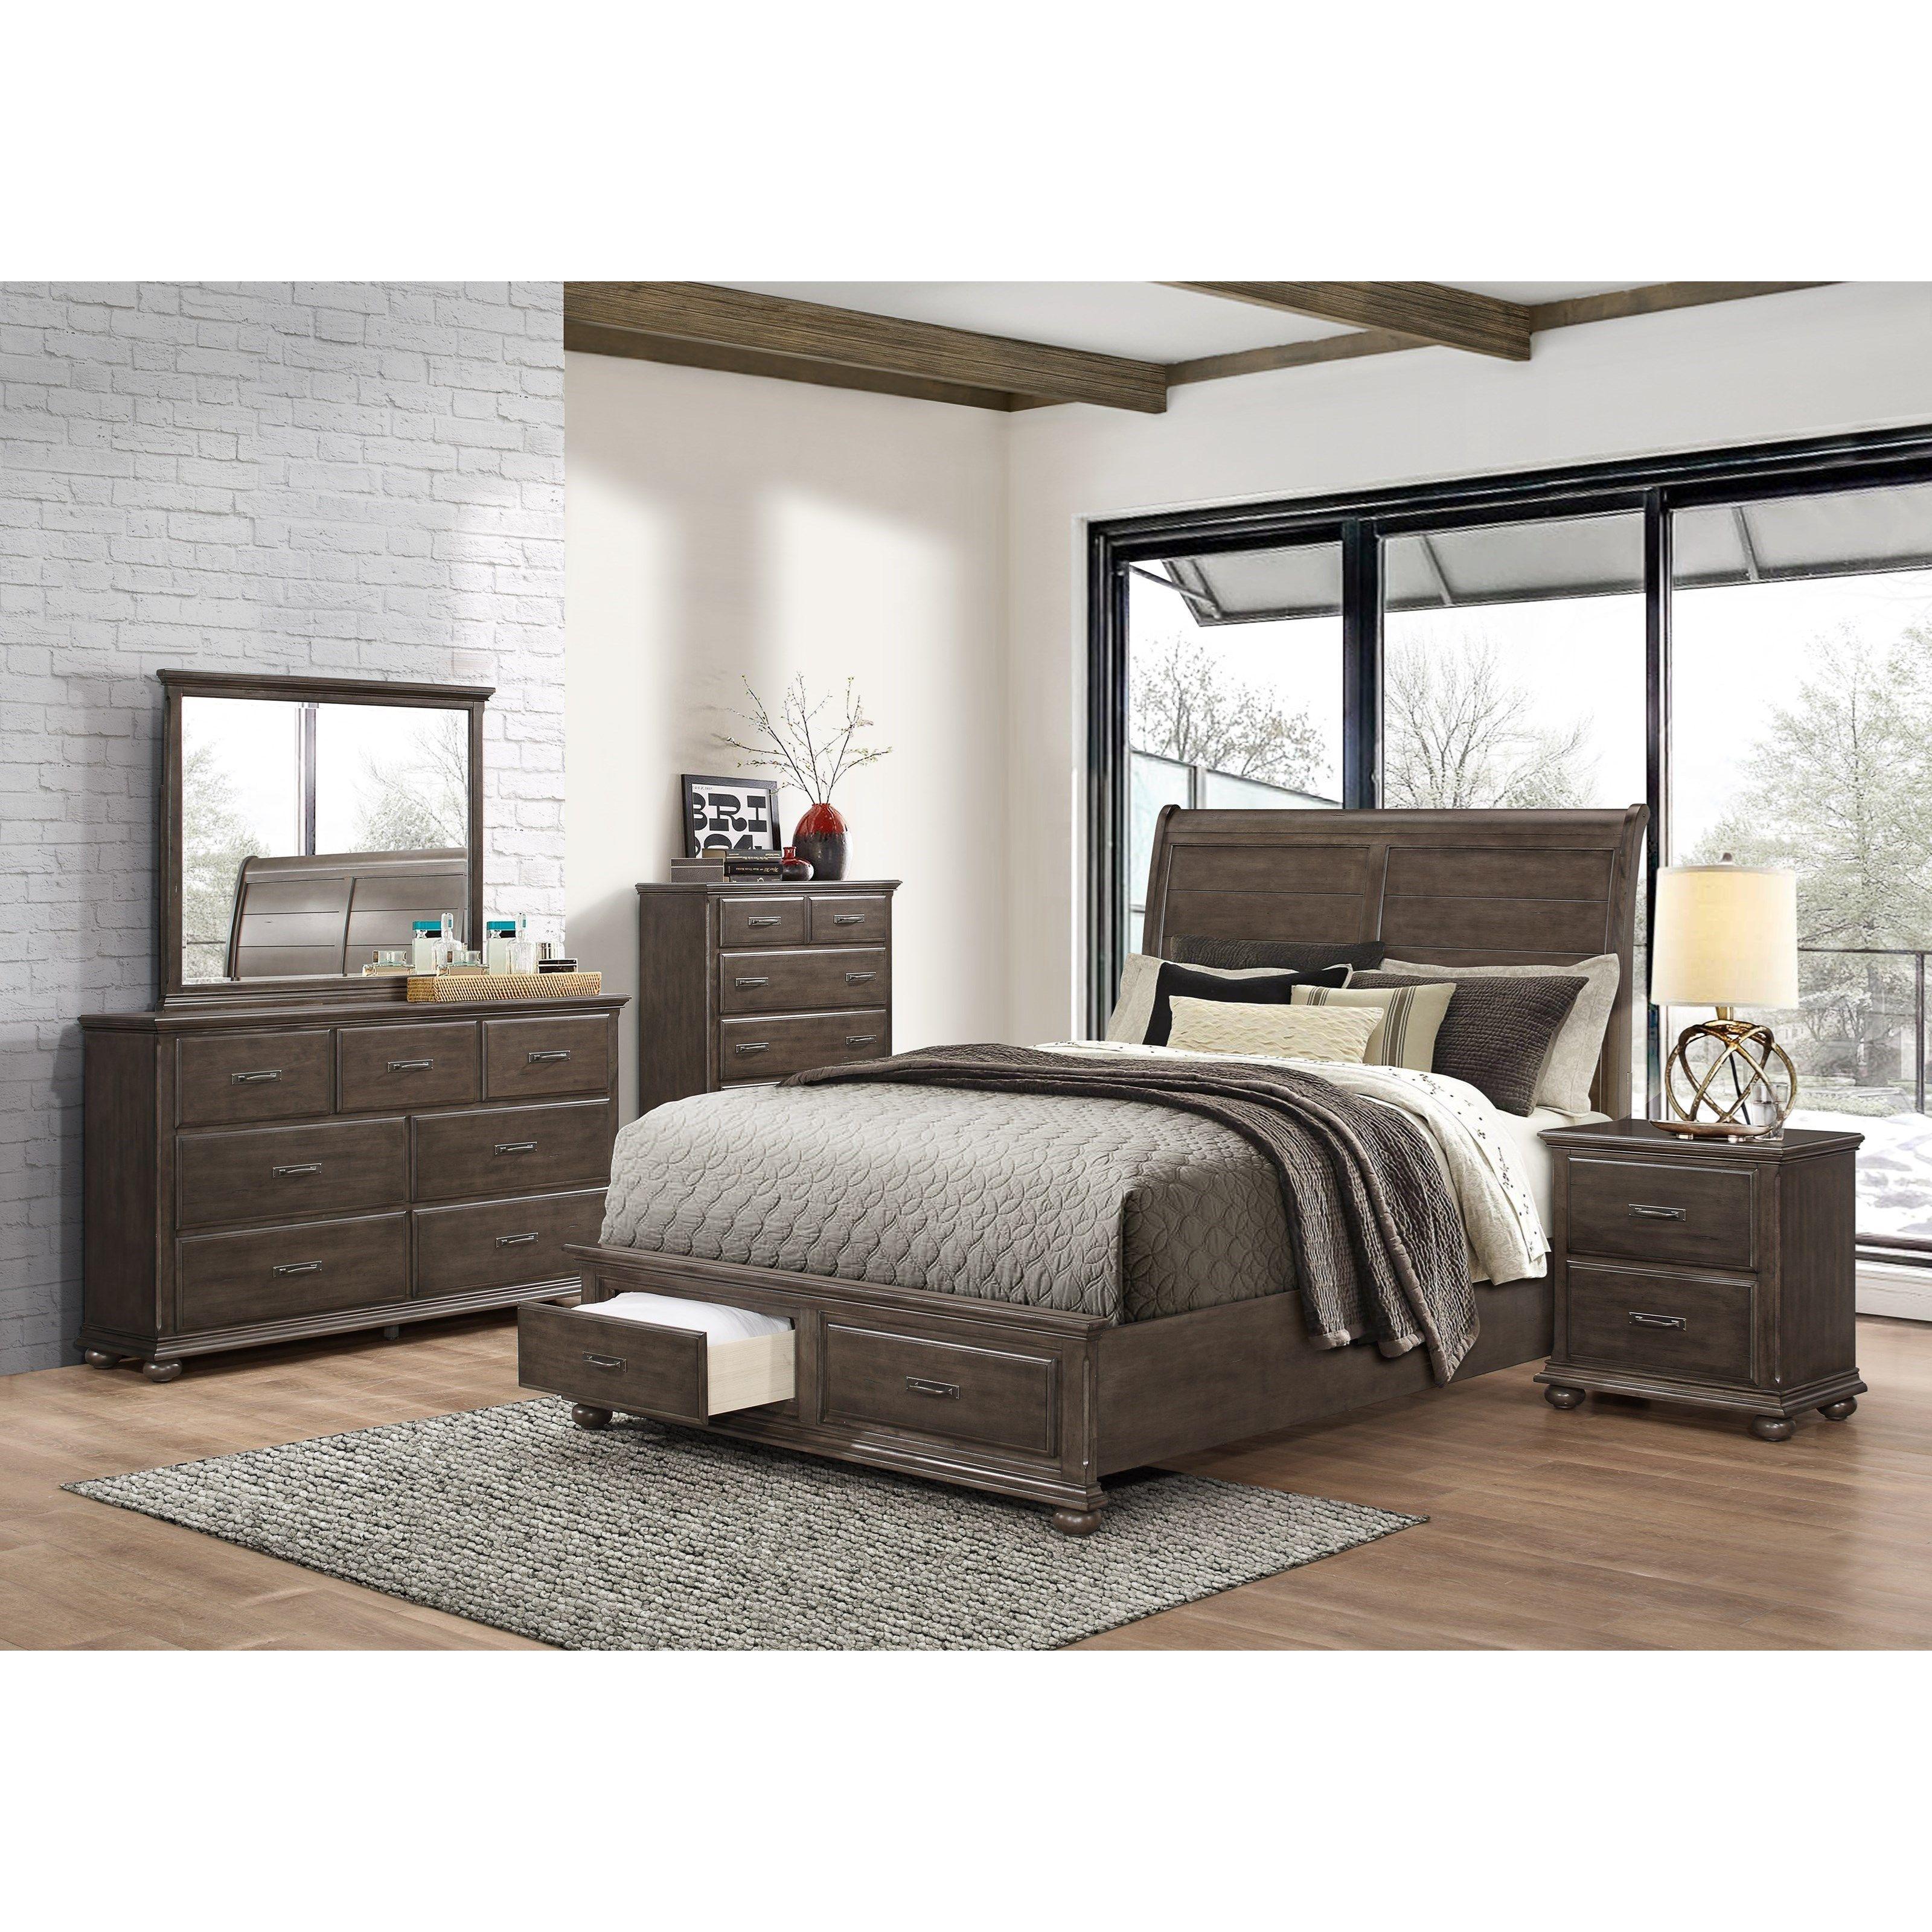 United Furniture Industries 1026 King Bedroom Group Item Number 1026 K Bedroom Group 1 Bedroom Sets Queen Classic Bedroom Design 5 Piece Bedroom Set